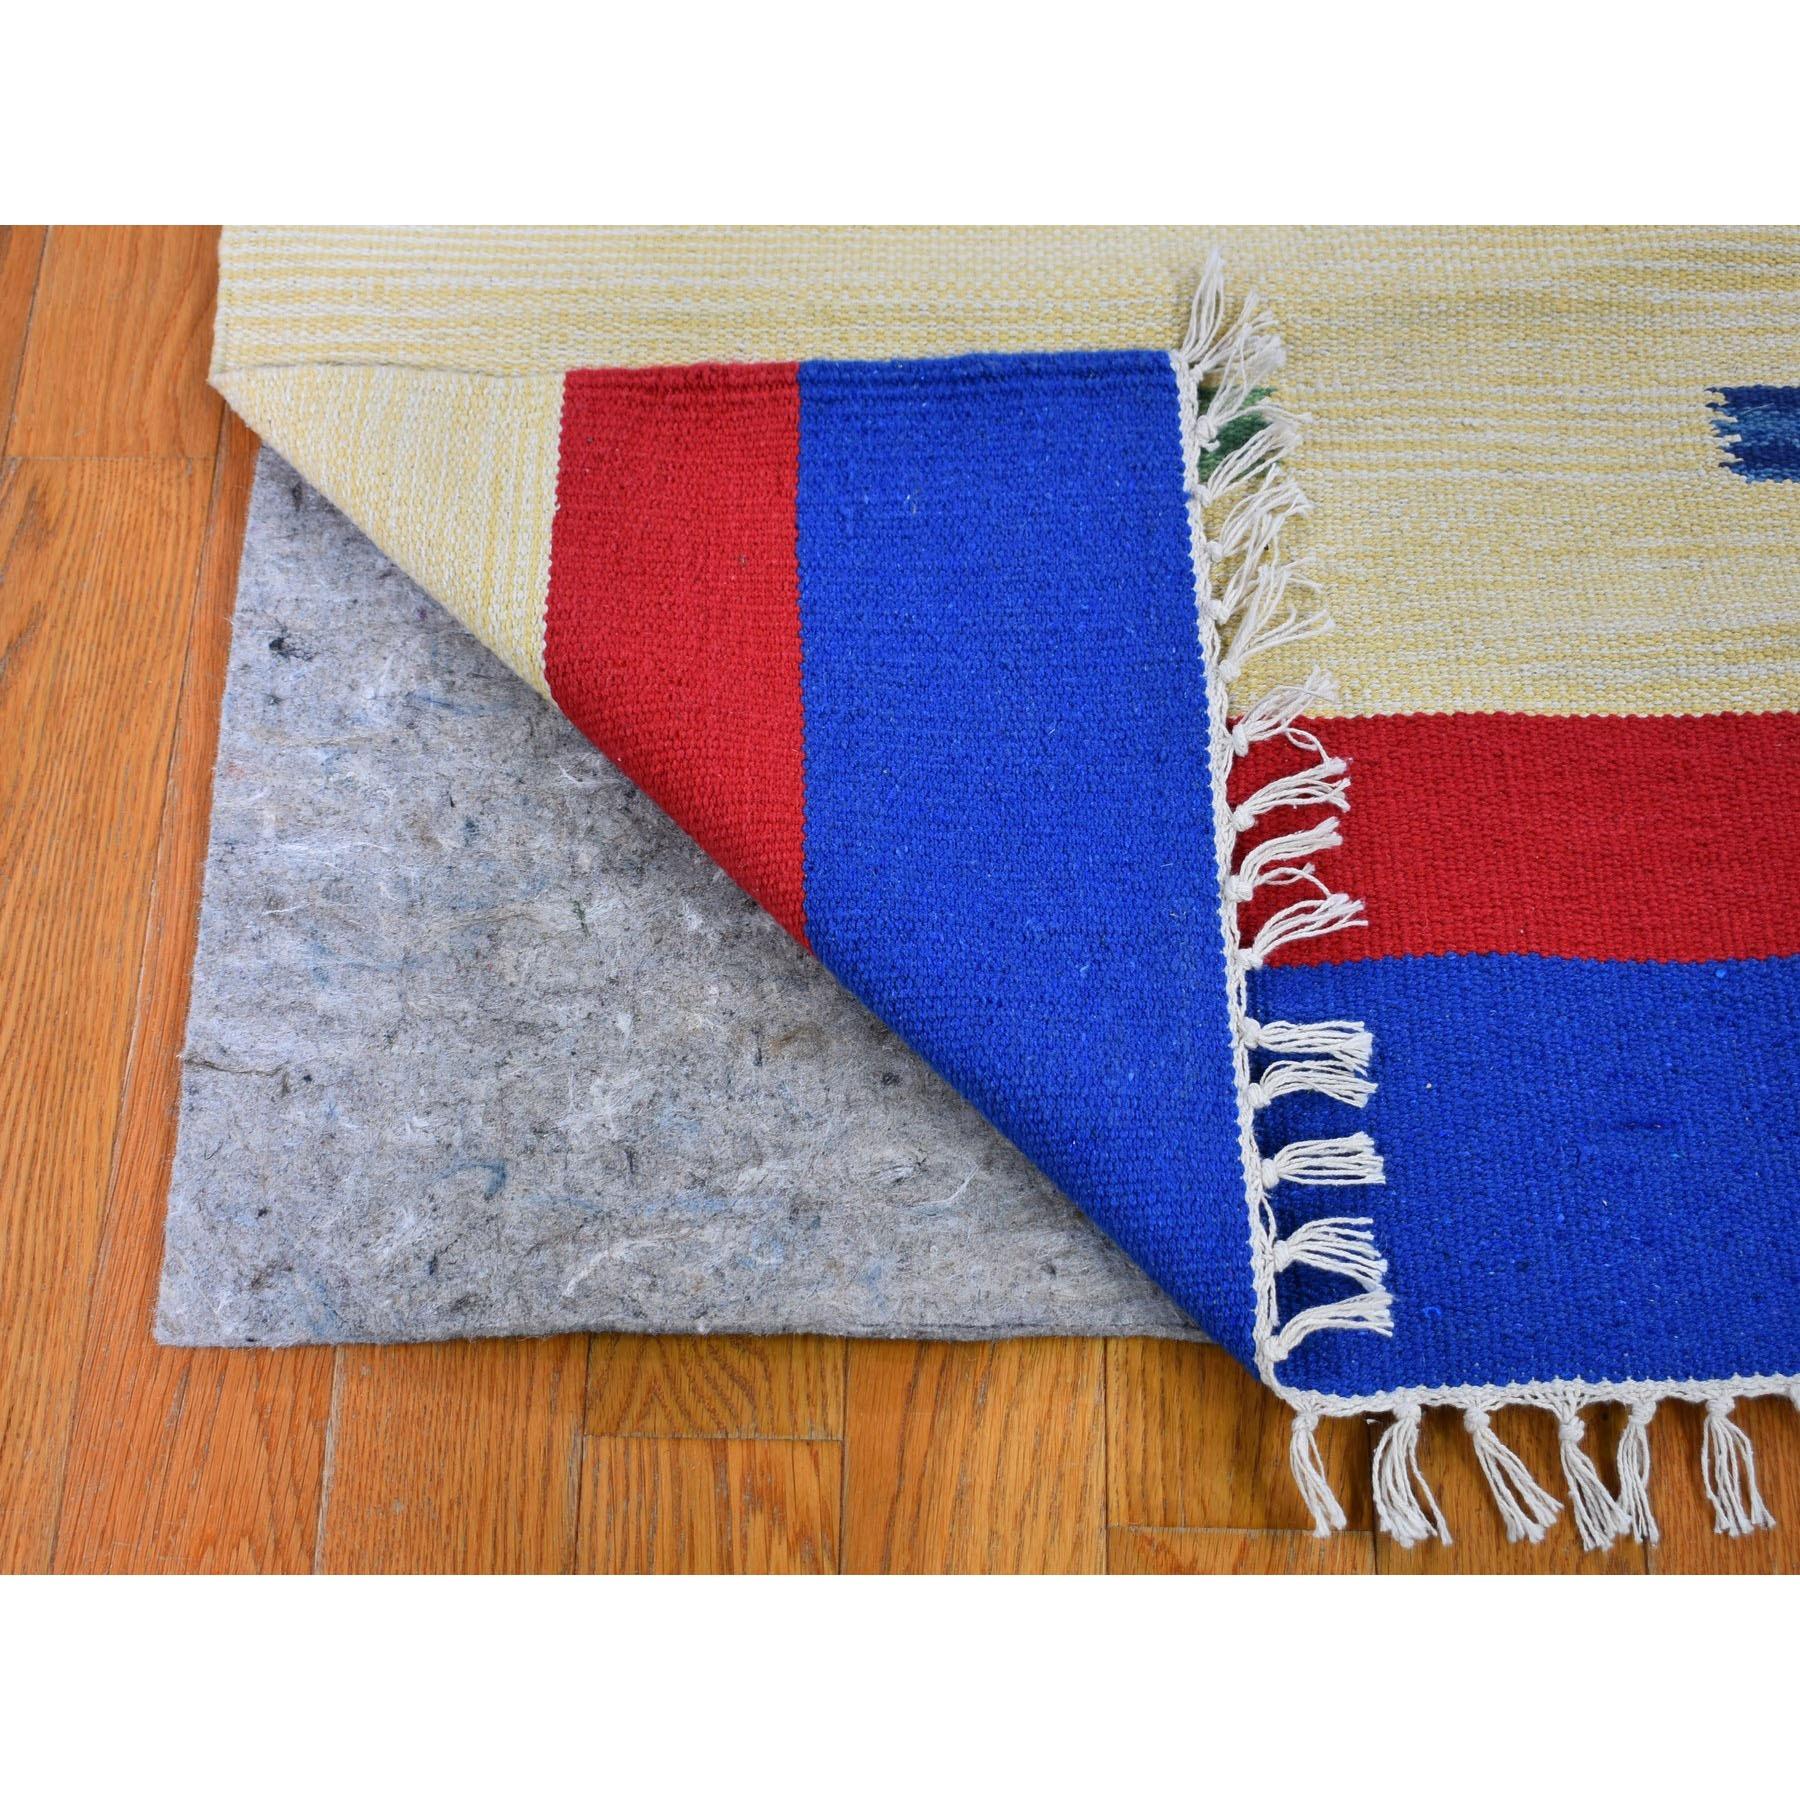 2-6 x7-9  Flat Weave Kilim Hand Woven Runner Southwestern Design Rug